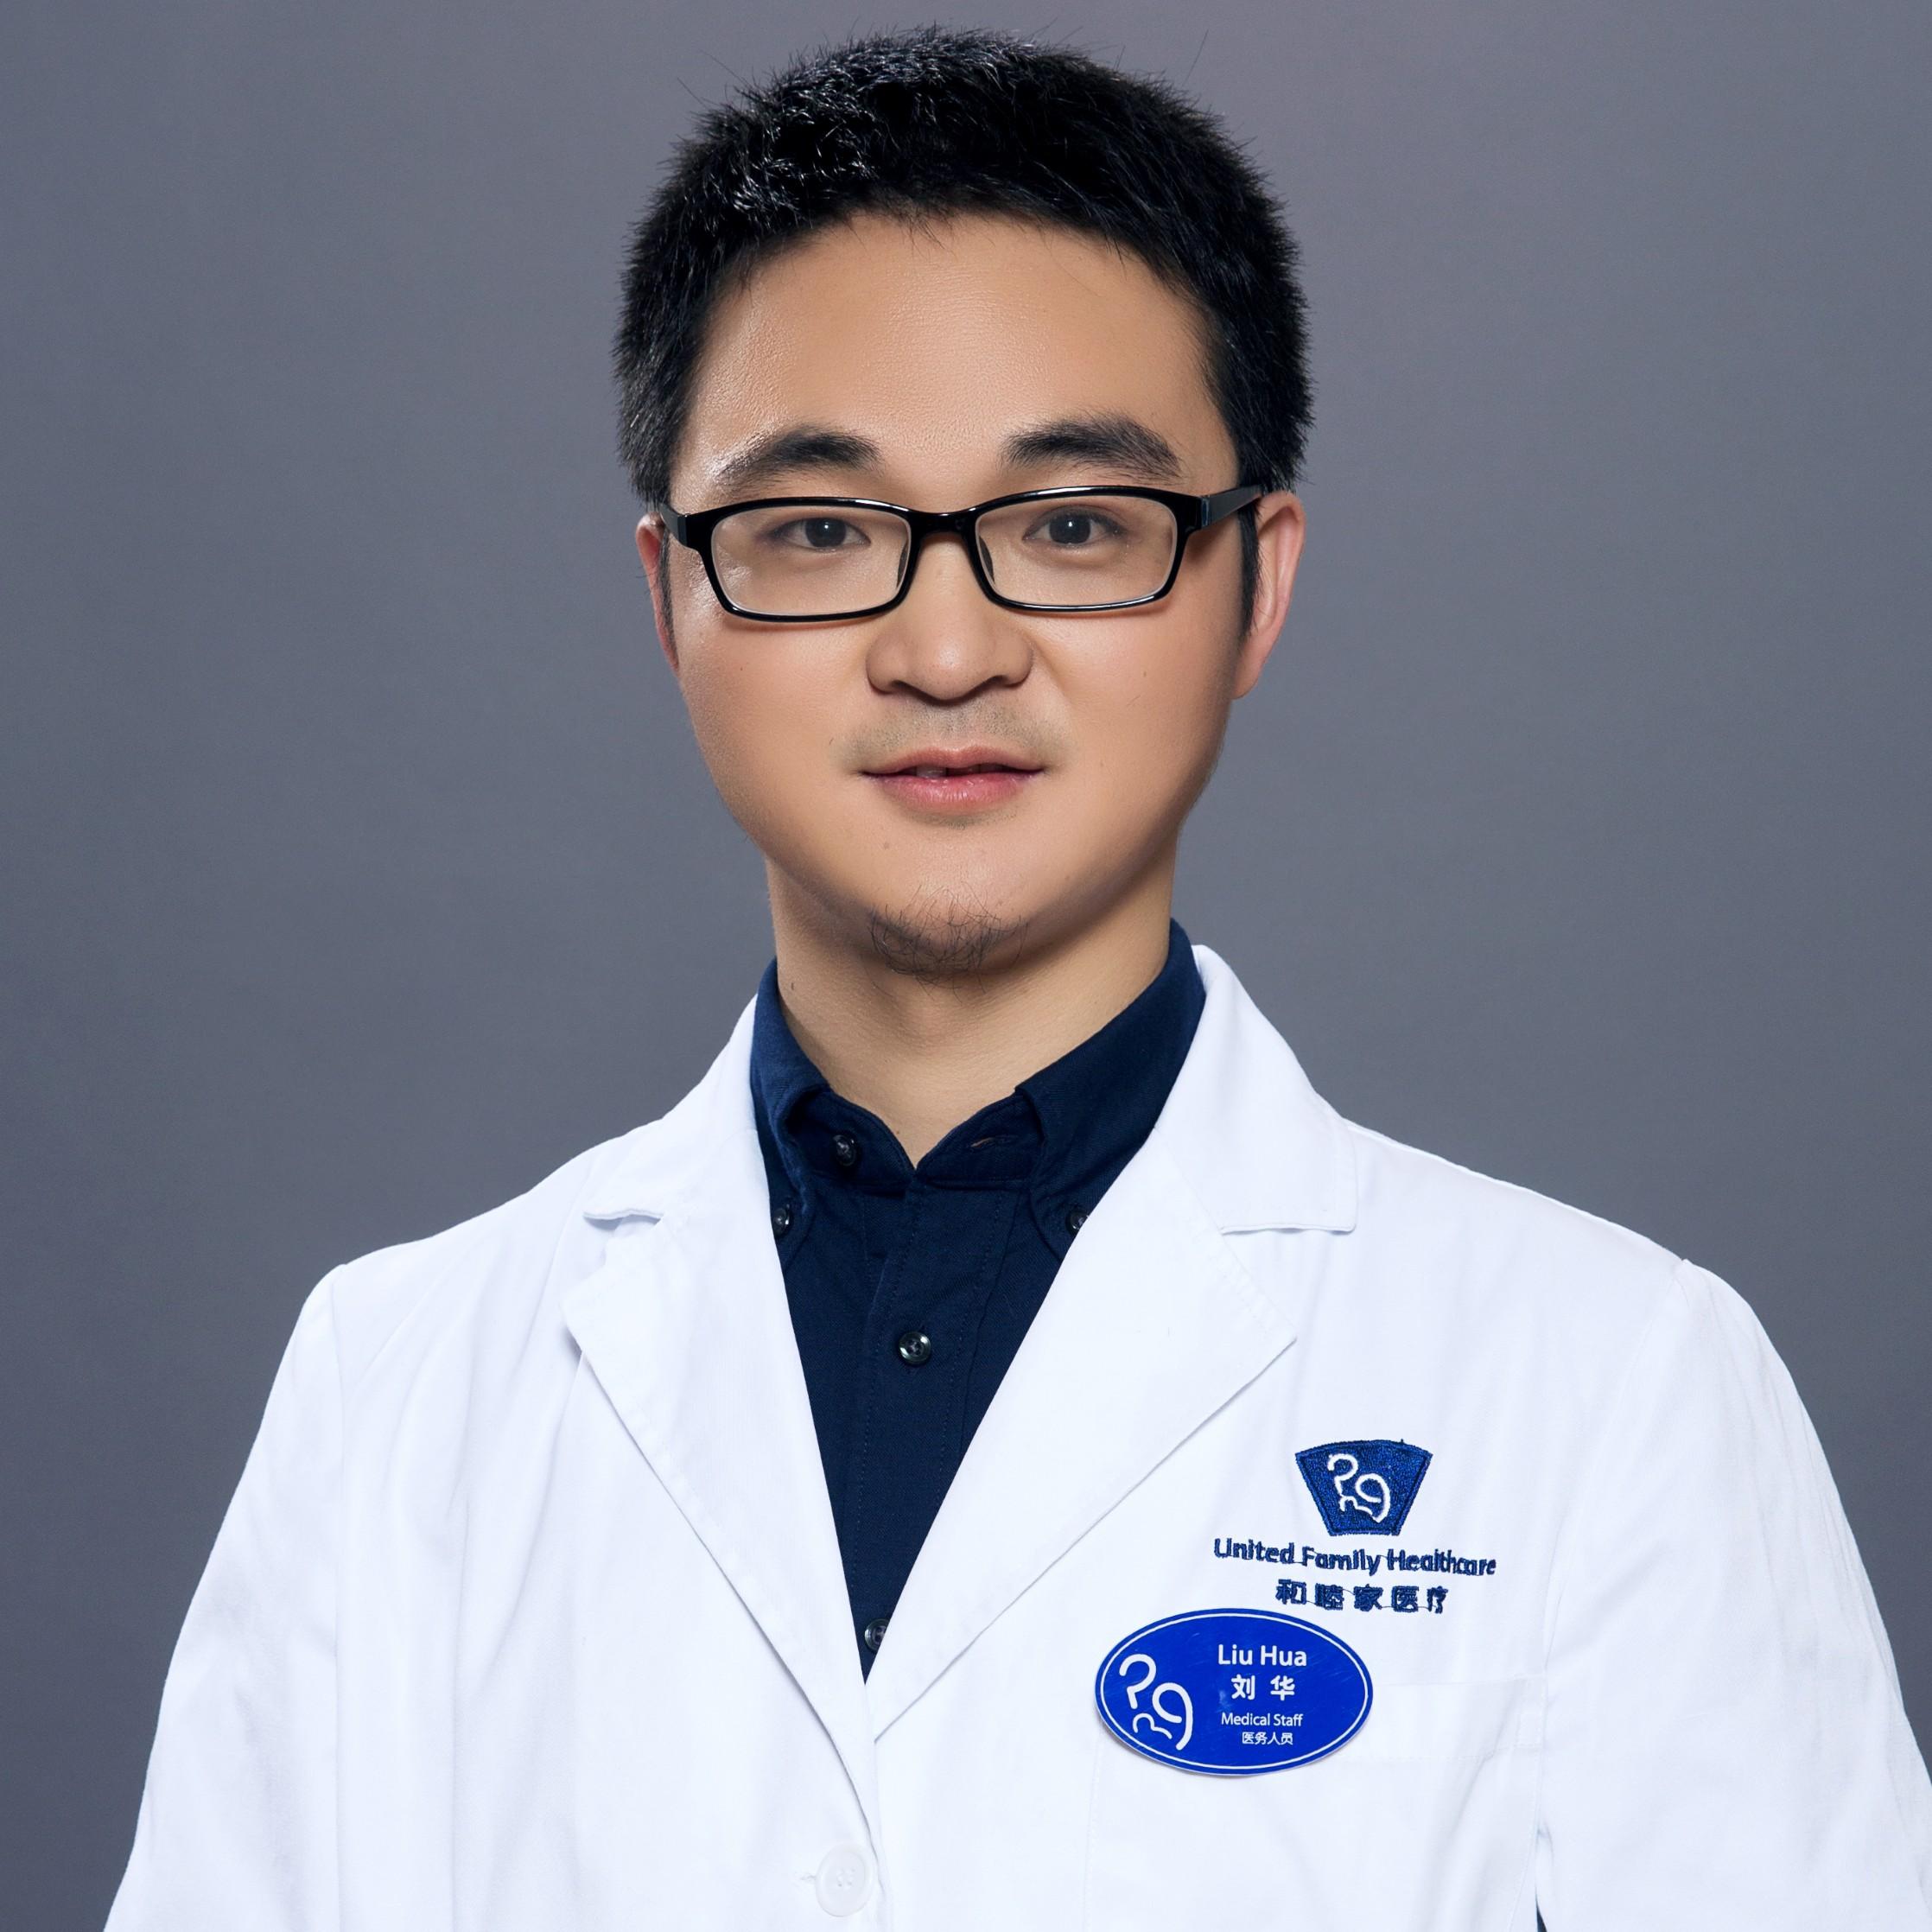 刘华主治医师